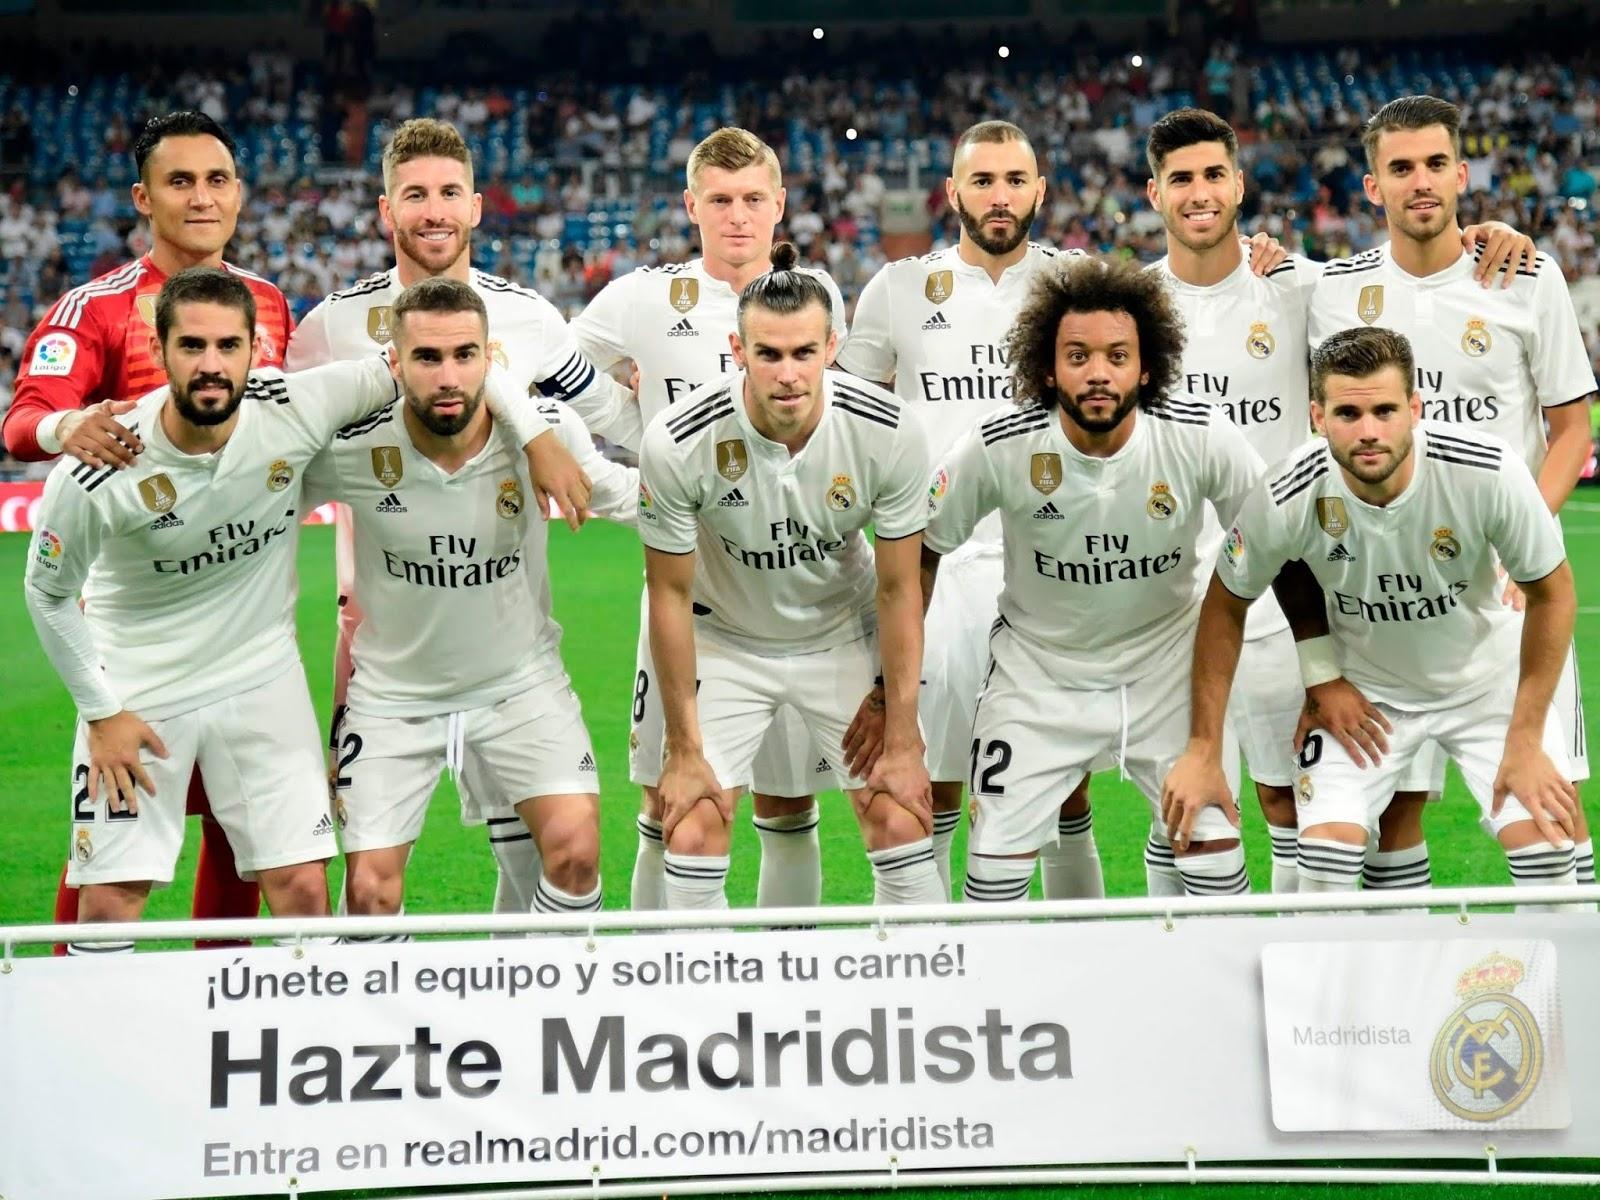 مباراة ريال مدريد ورايو فاليكانو 15-12-2018 الدوري الاسباني